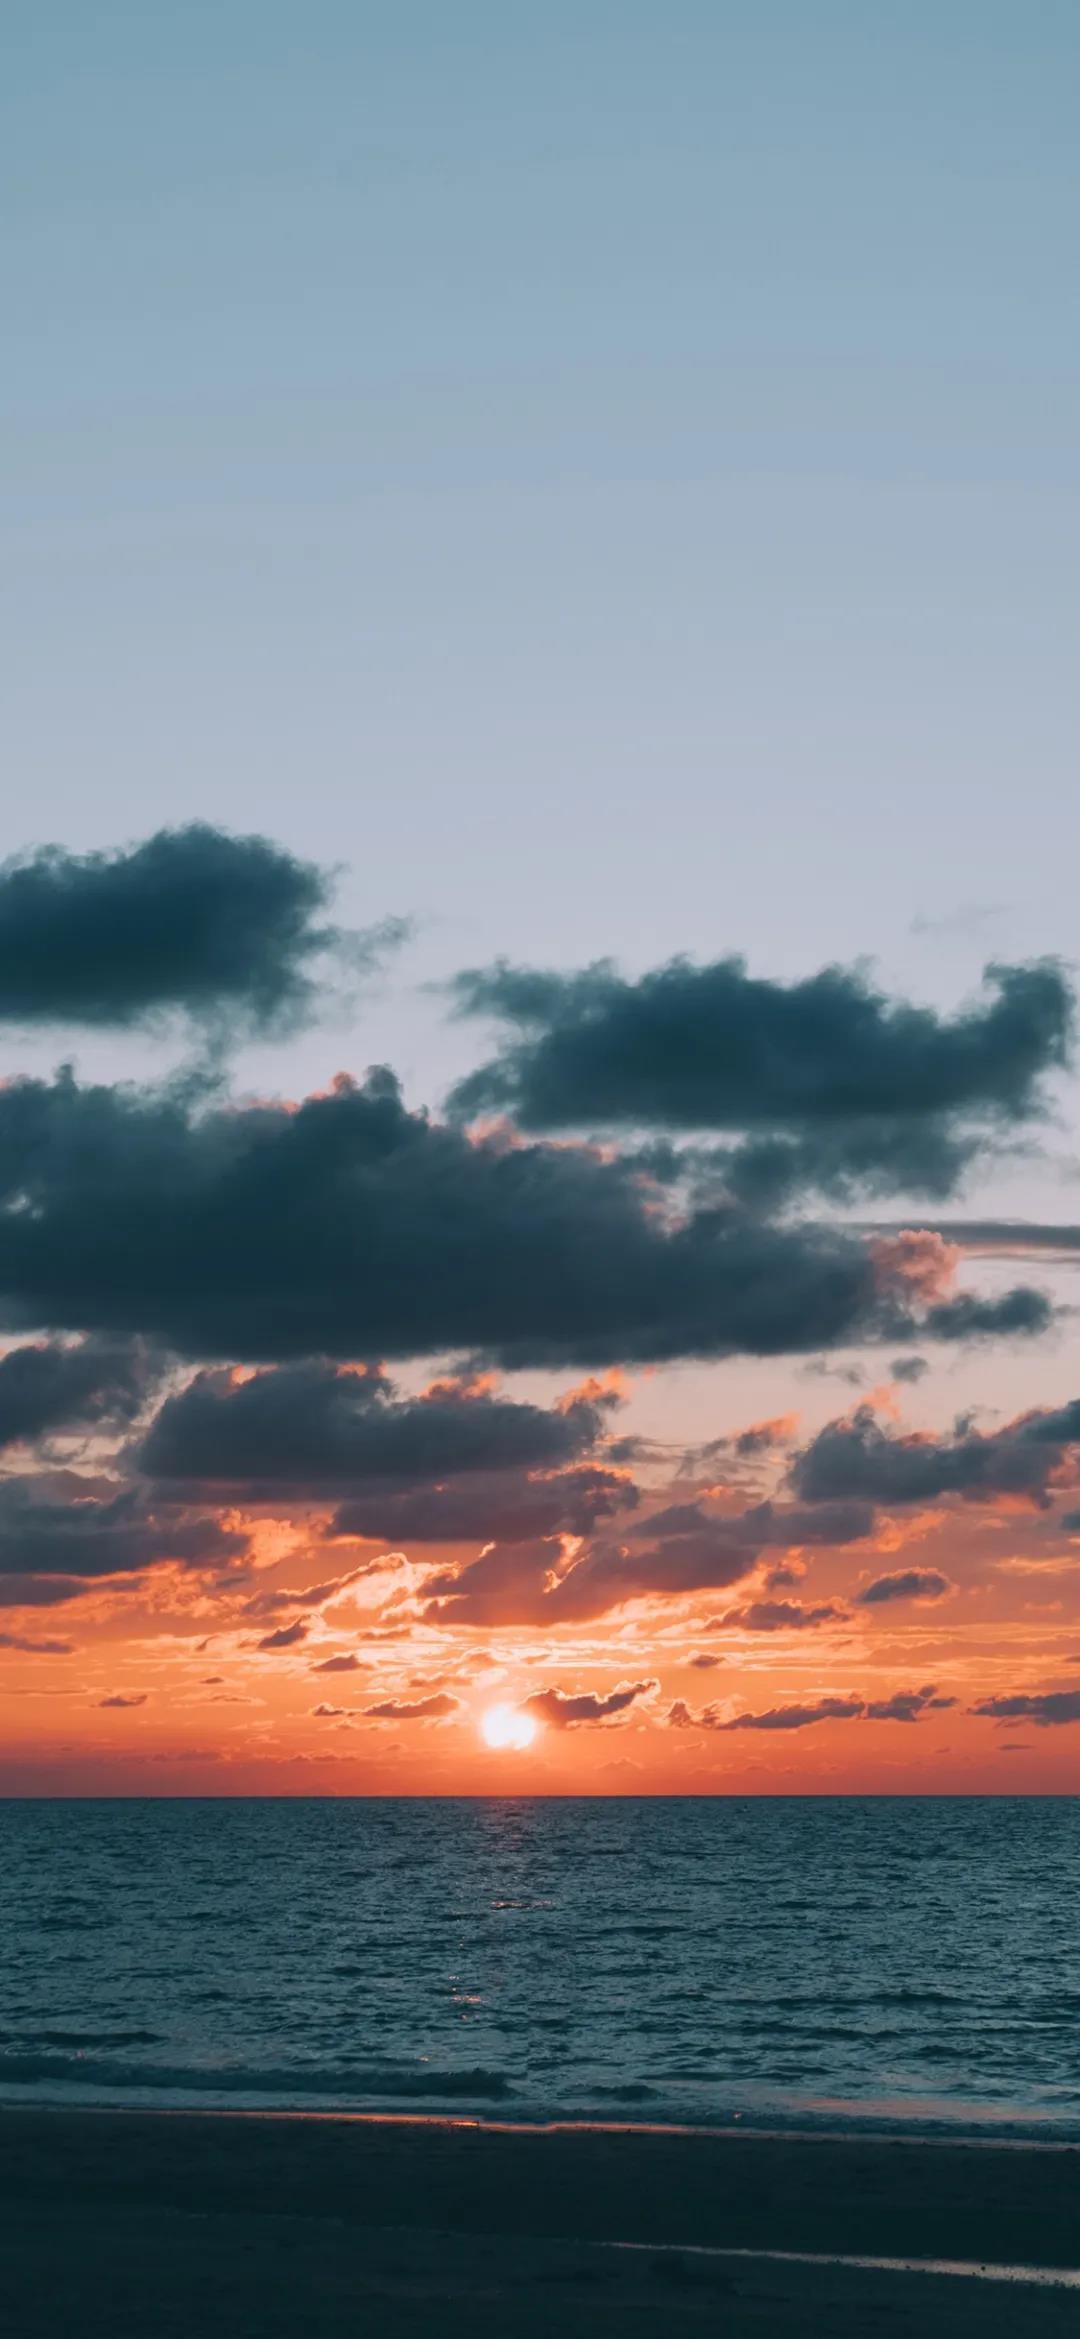 白云和乌云唯美自然风景高清手机壁纸图片